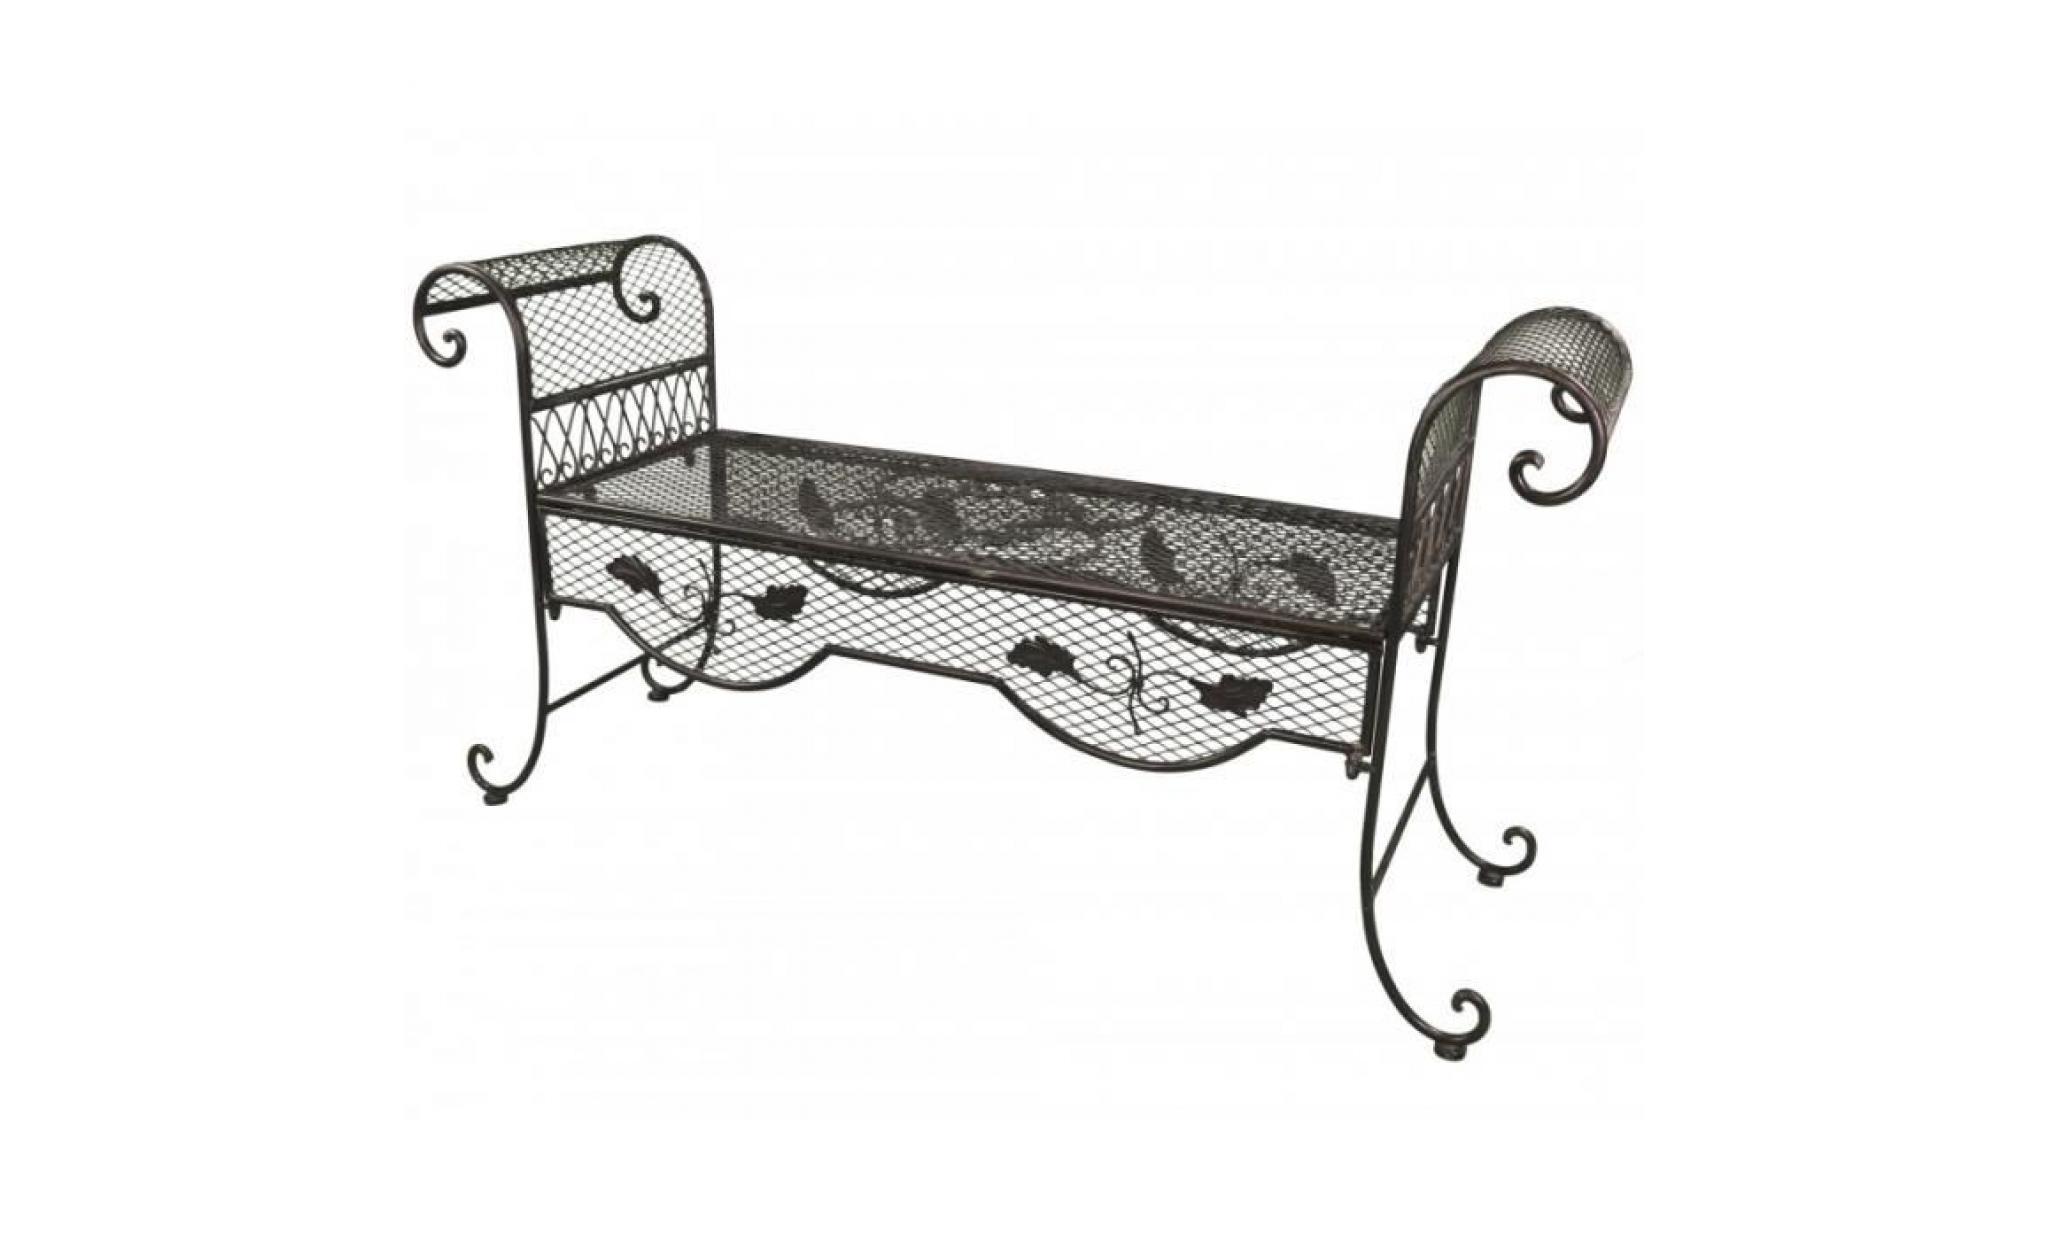 banc style dagobert banquette fauteuil mobilier de jardin. Black Bedroom Furniture Sets. Home Design Ideas